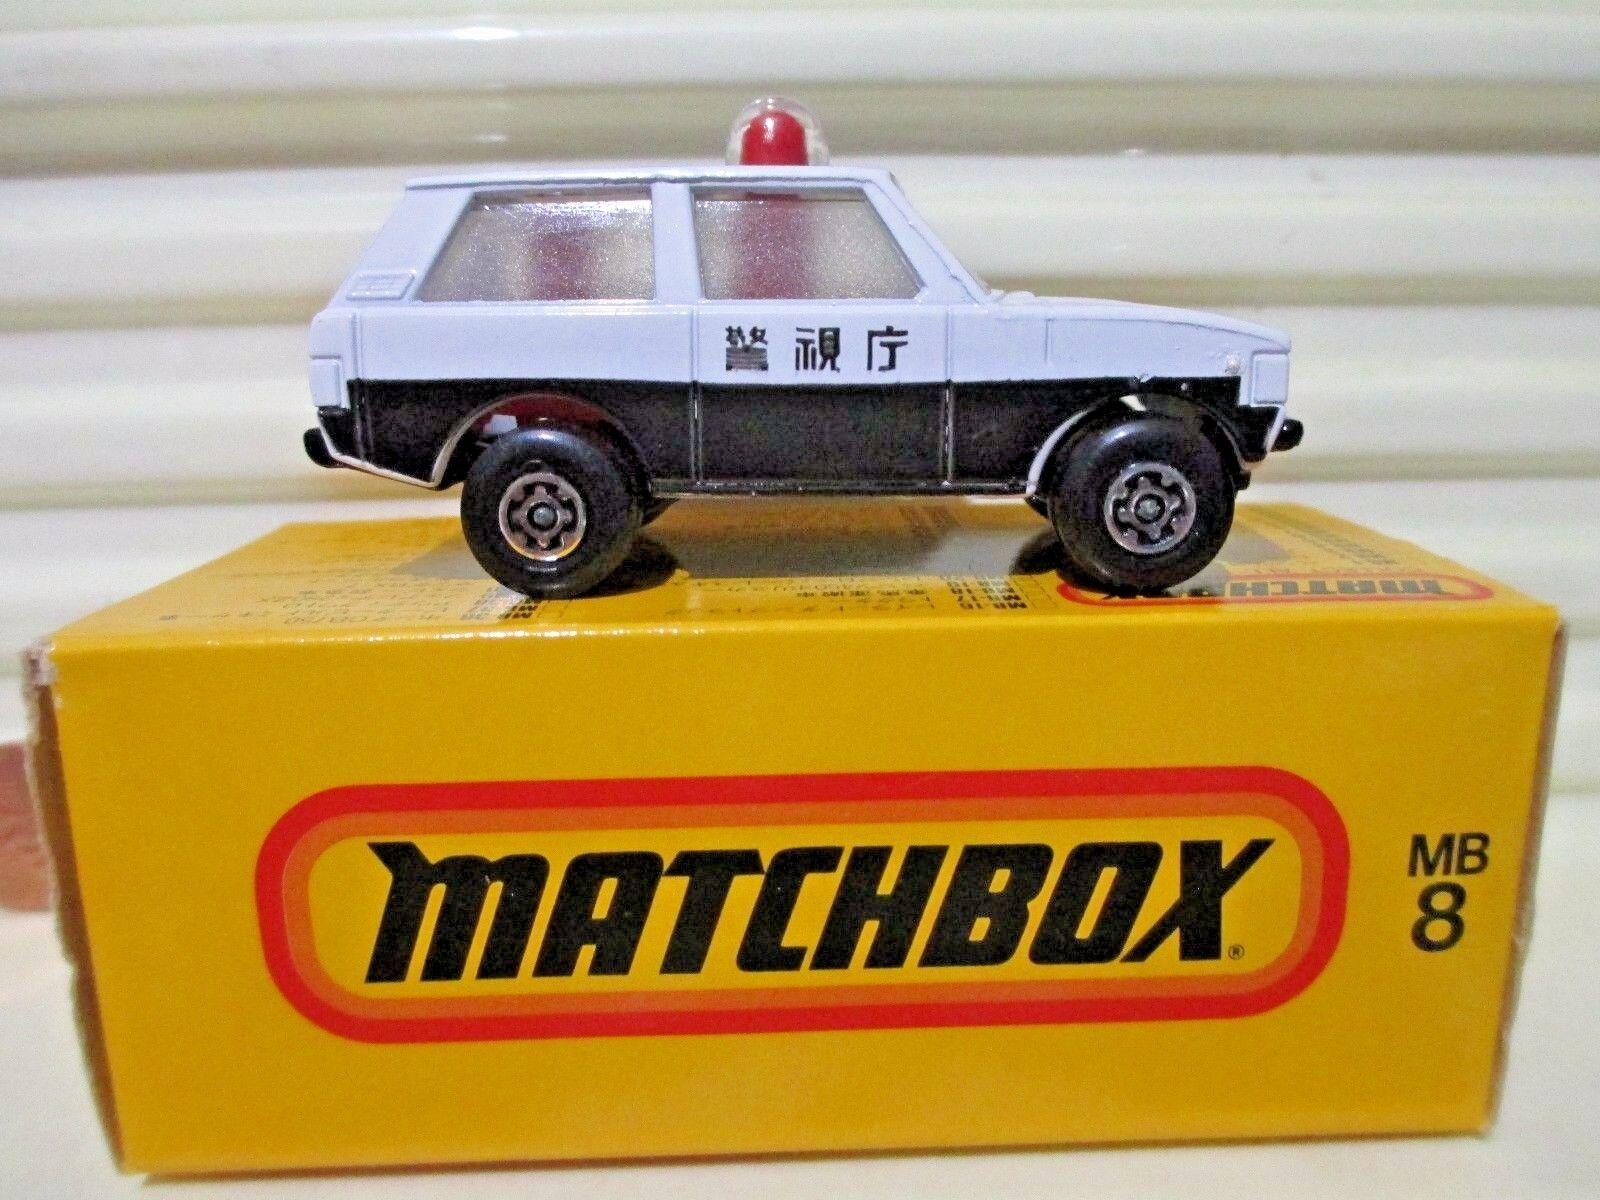 Matchbox superfast japan thema j-8   mb20b weißen range rover polizeiauto neue boxen